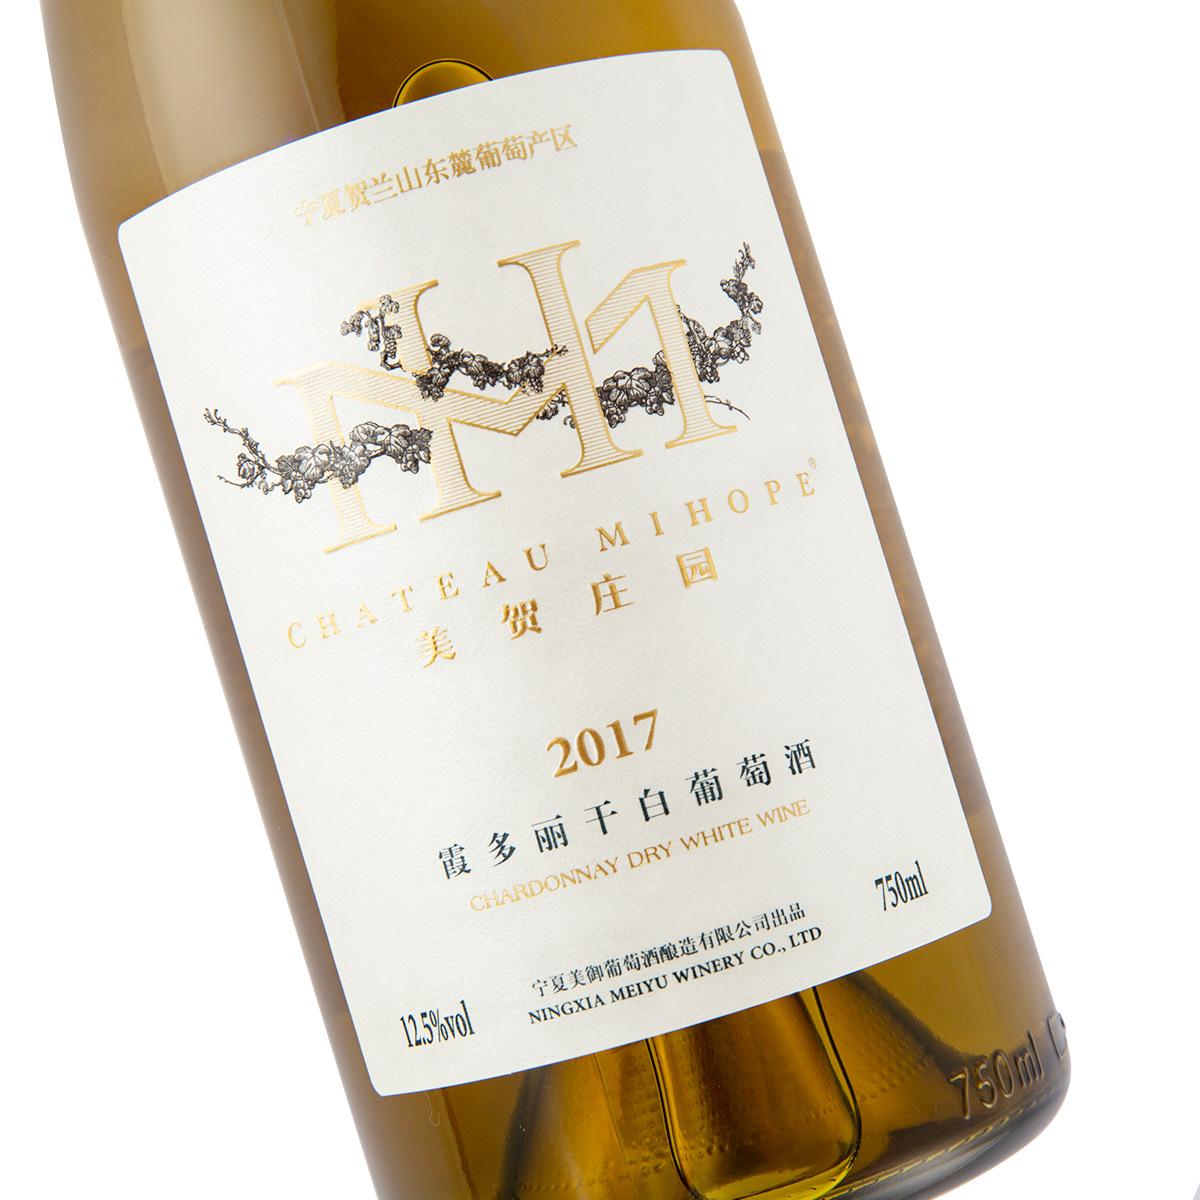 中国宁夏产区美贺庄园霞多丽干白葡萄酒